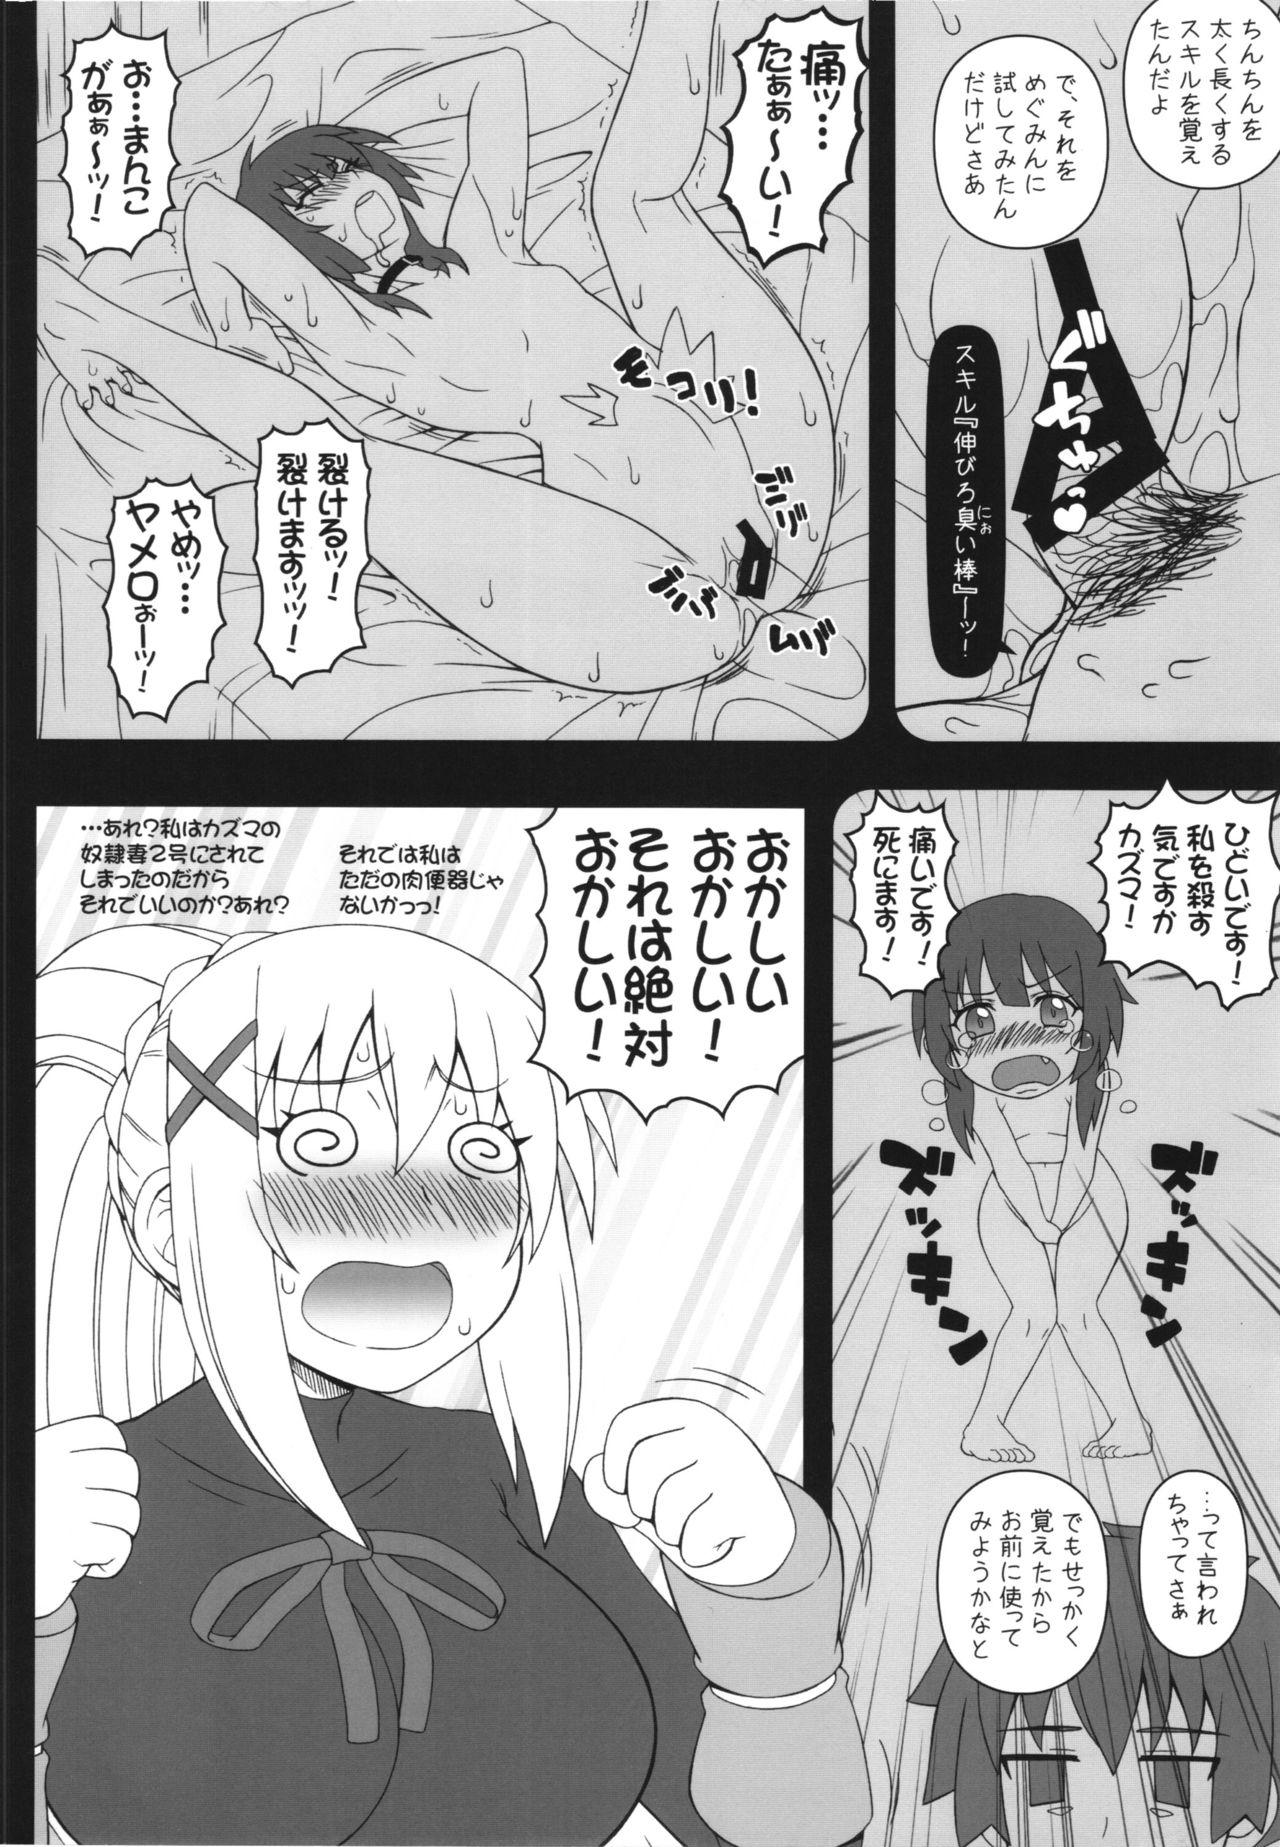 Yappari Darkness wa Eroi na. 2 - Uterus & Anal 3